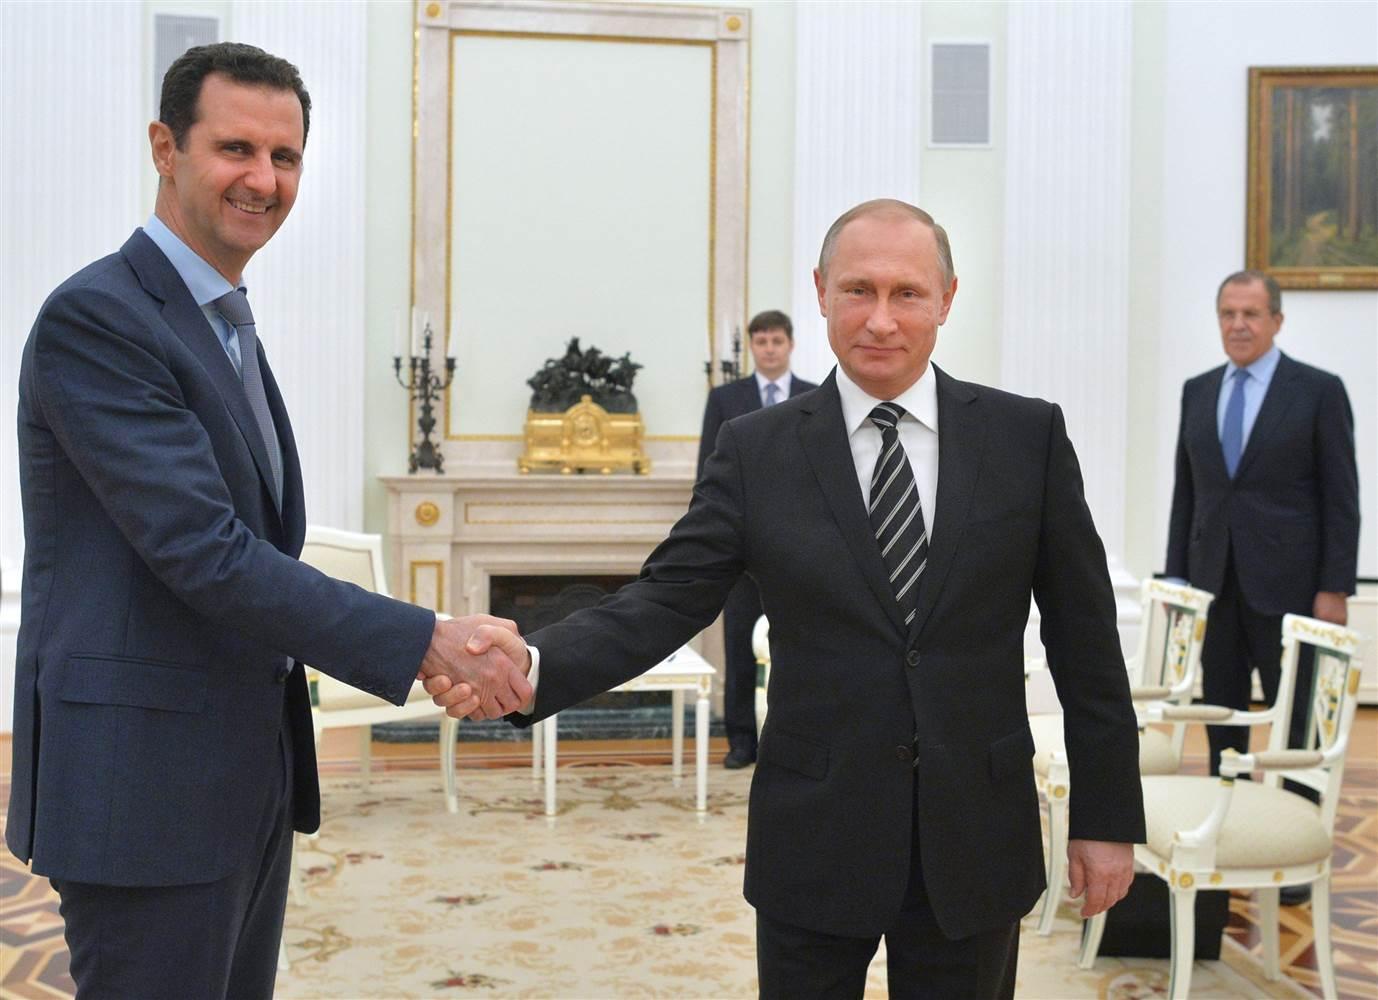 Mục tiêu đối ngoại của Putin khi can thiệp quân sự vào Syria - 3